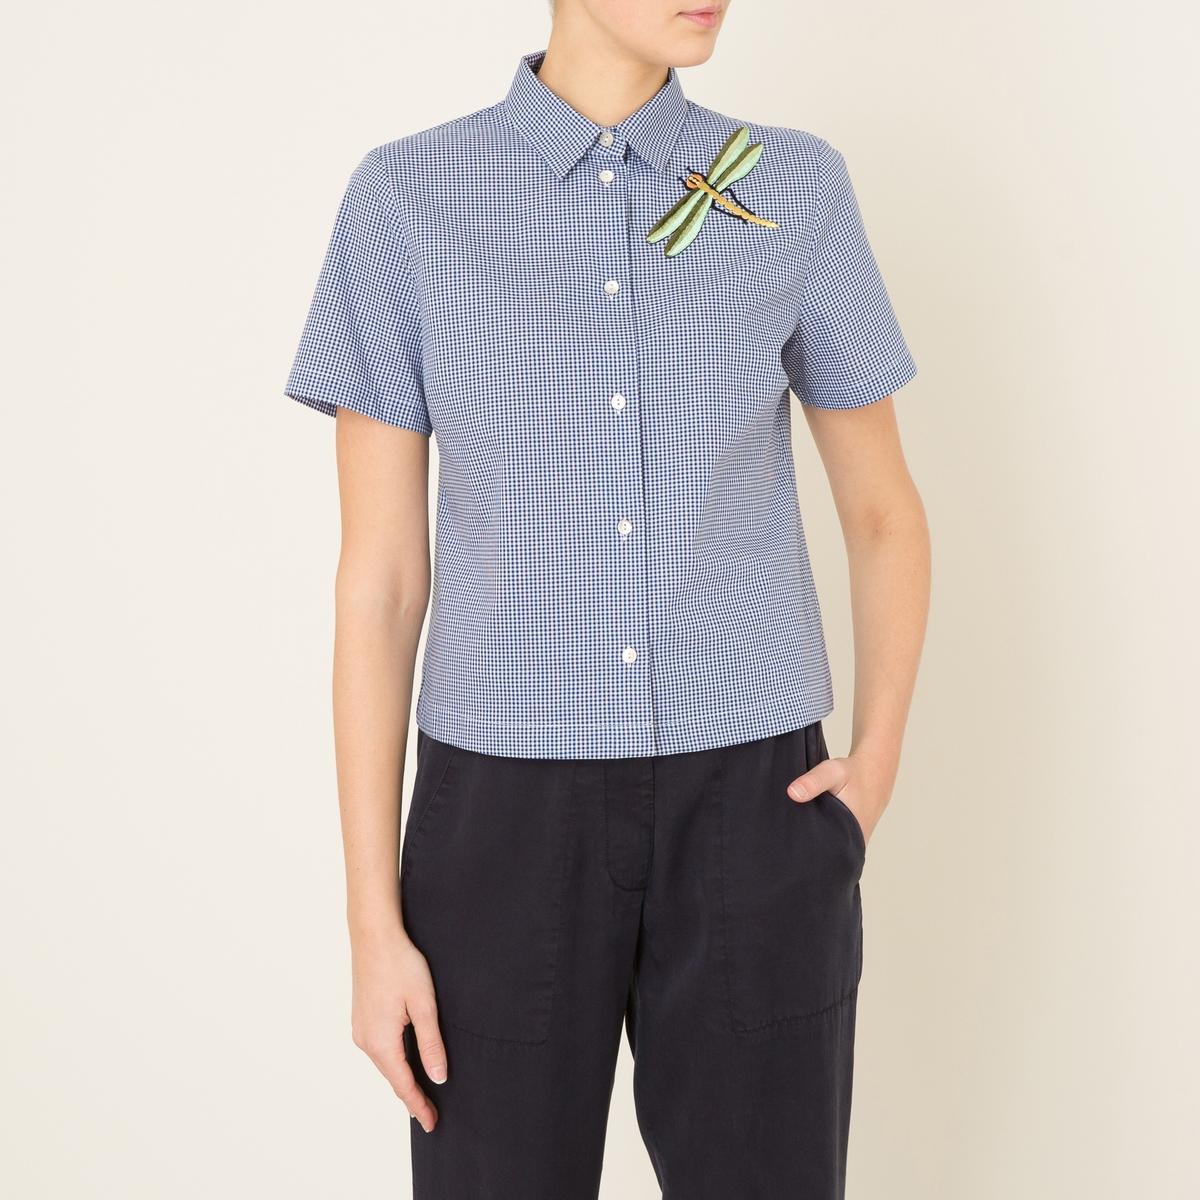 Рубашка CORNETTOРубашка MOMONI - модель CORNETTO  короткая в клетку и нашивкой с вышивкой стрекоза, хлопок . Рубашечный воротник со свободными уголками   . Застежка на пуговицы. Короткие рукава. Прямой низ. Состав и описание    Материал : 100% хлопок   Марка : MOMONI<br><br>Цвет: синий/ белый<br>Размер: M